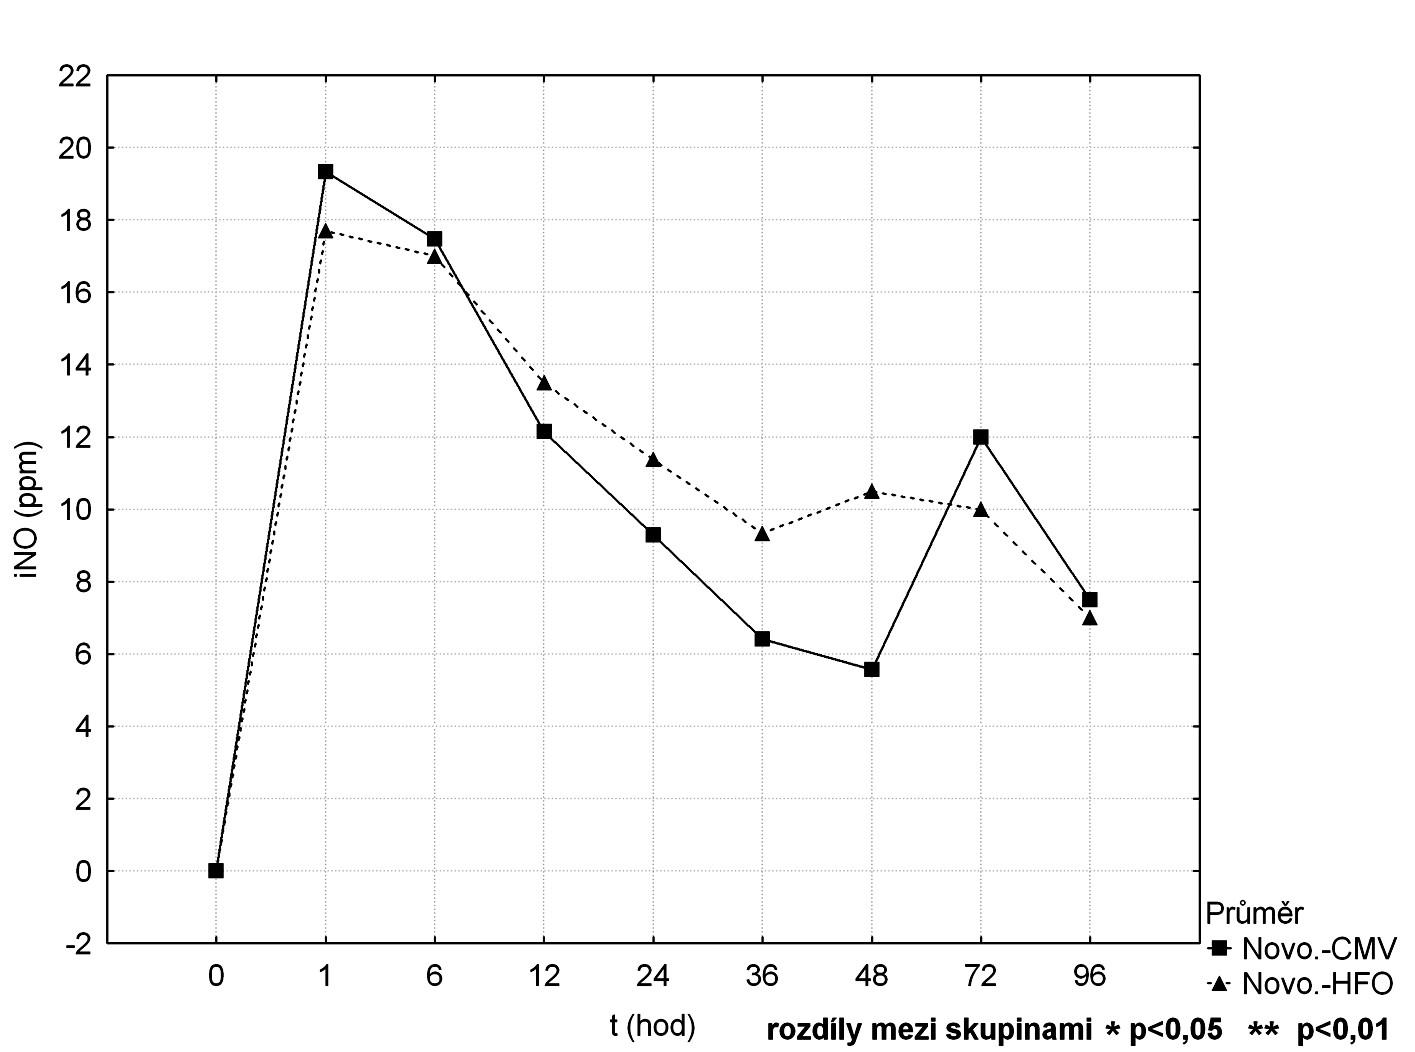 Srovnání průběhu koncentrací iNO mezi CMV a HFOV